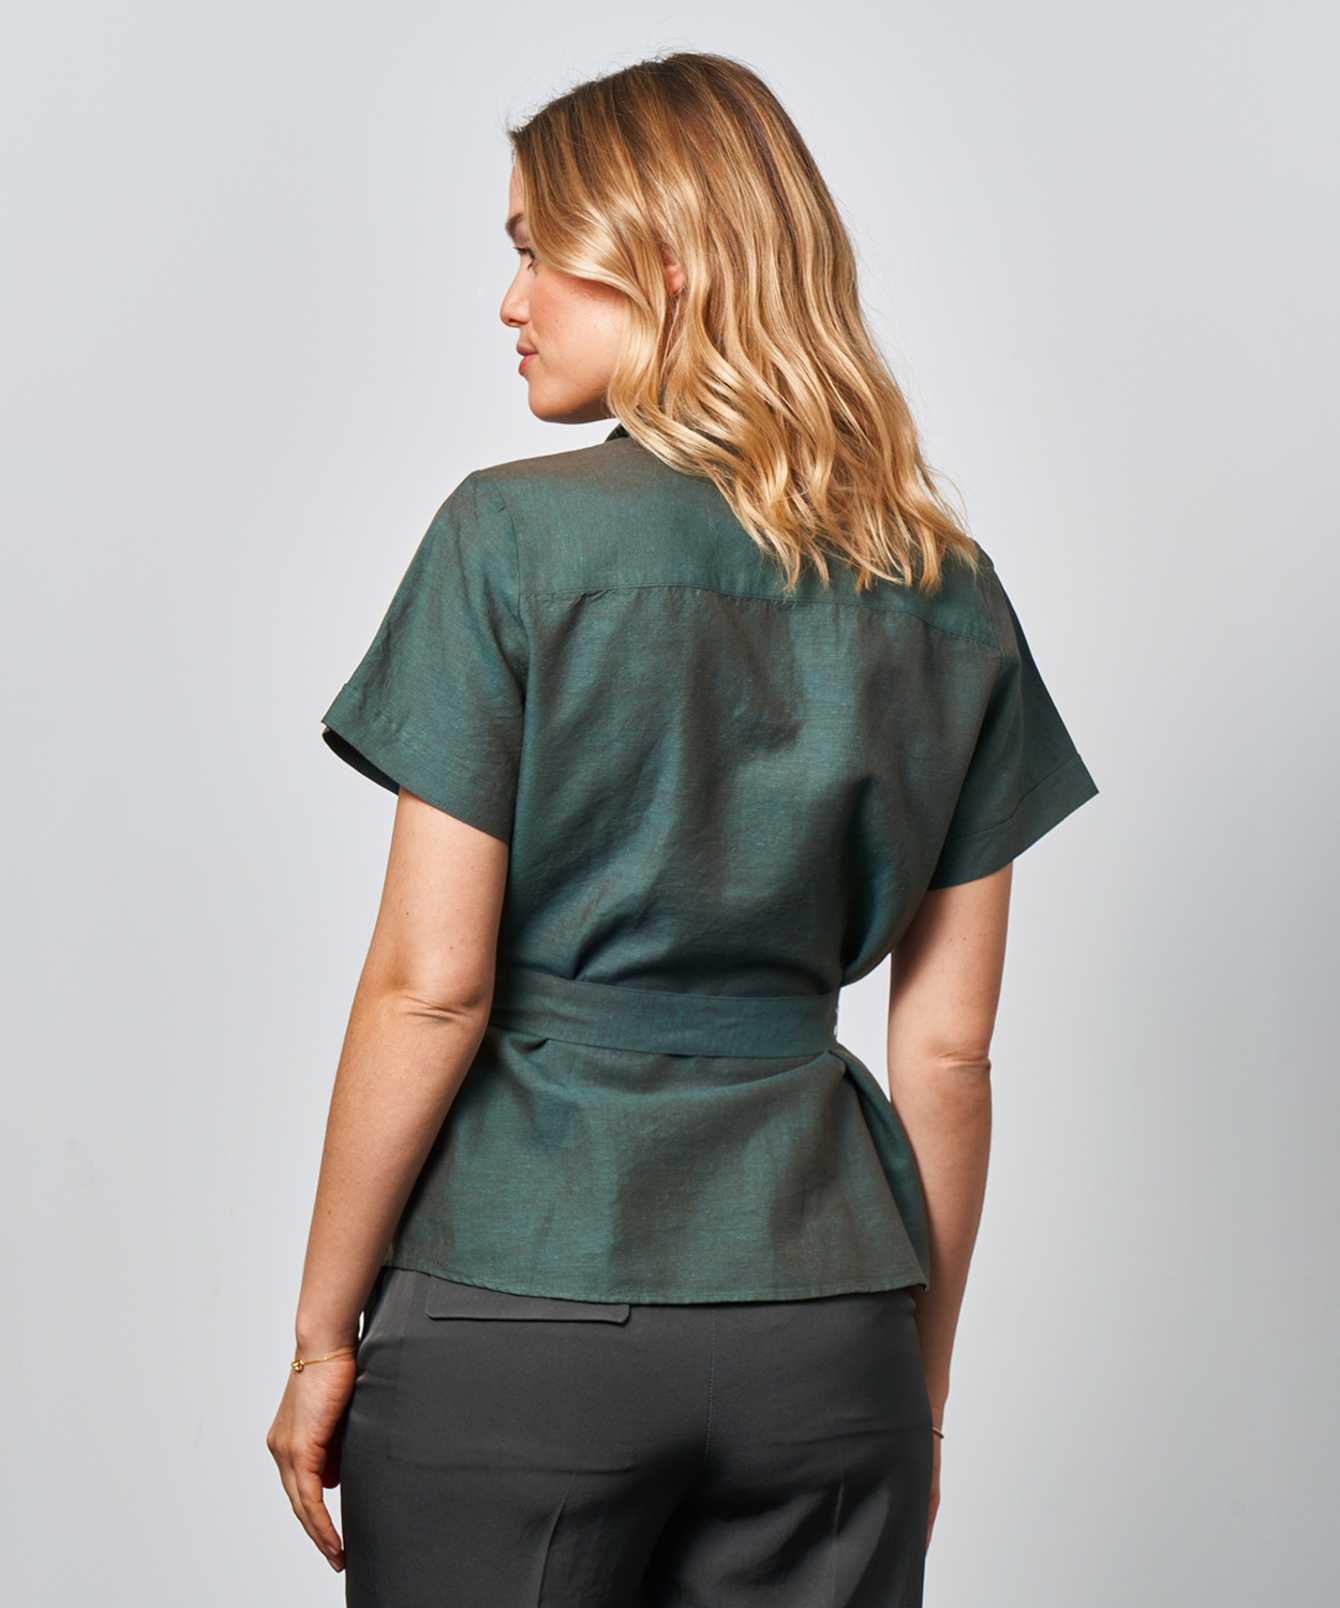 Skjorta Liv Portofino Grön The Shirt Factory